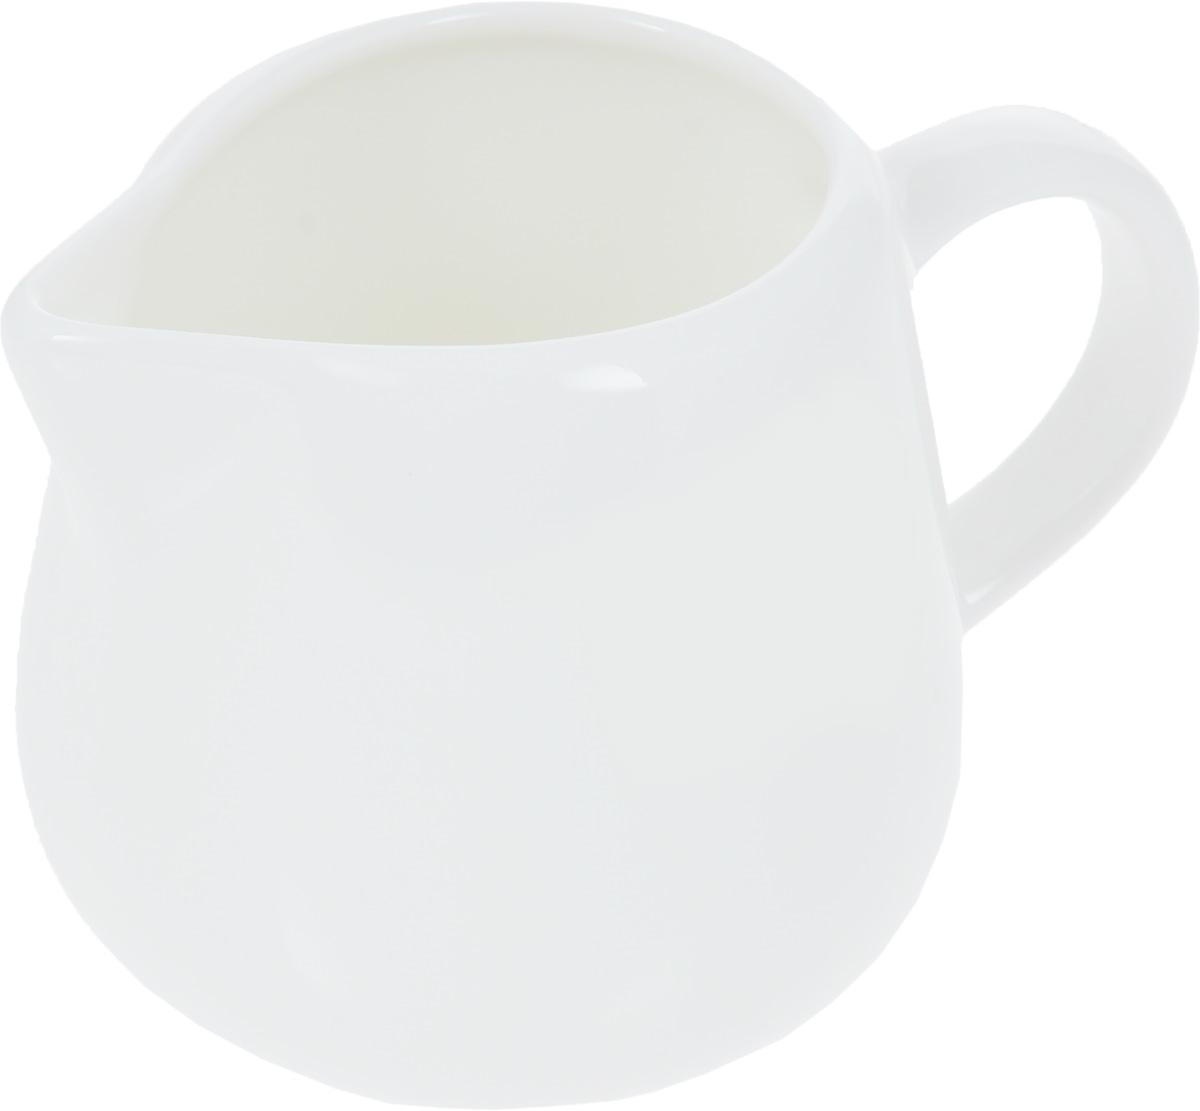 Молочник Wilmax, 200 млWL-995005 / AМолочник Wilmax, изготовленный из высококачественного фарфора, имеет широкое основание, удобную ручку и носик. Предназначен для сливок и молока. Такой молочник станет изысканным украшением стола к чаепитию и подчеркнет ваш безупречный вкус. Изделие также станет хорошим подарком к любому случаю. Можно использовать в СВЧ и мыть в посудомоечной машине. Размер молочника (по верхнему краю): 7 х 5 см. Диаметр основания: 7 см. Высота молочника: 7,5 см.